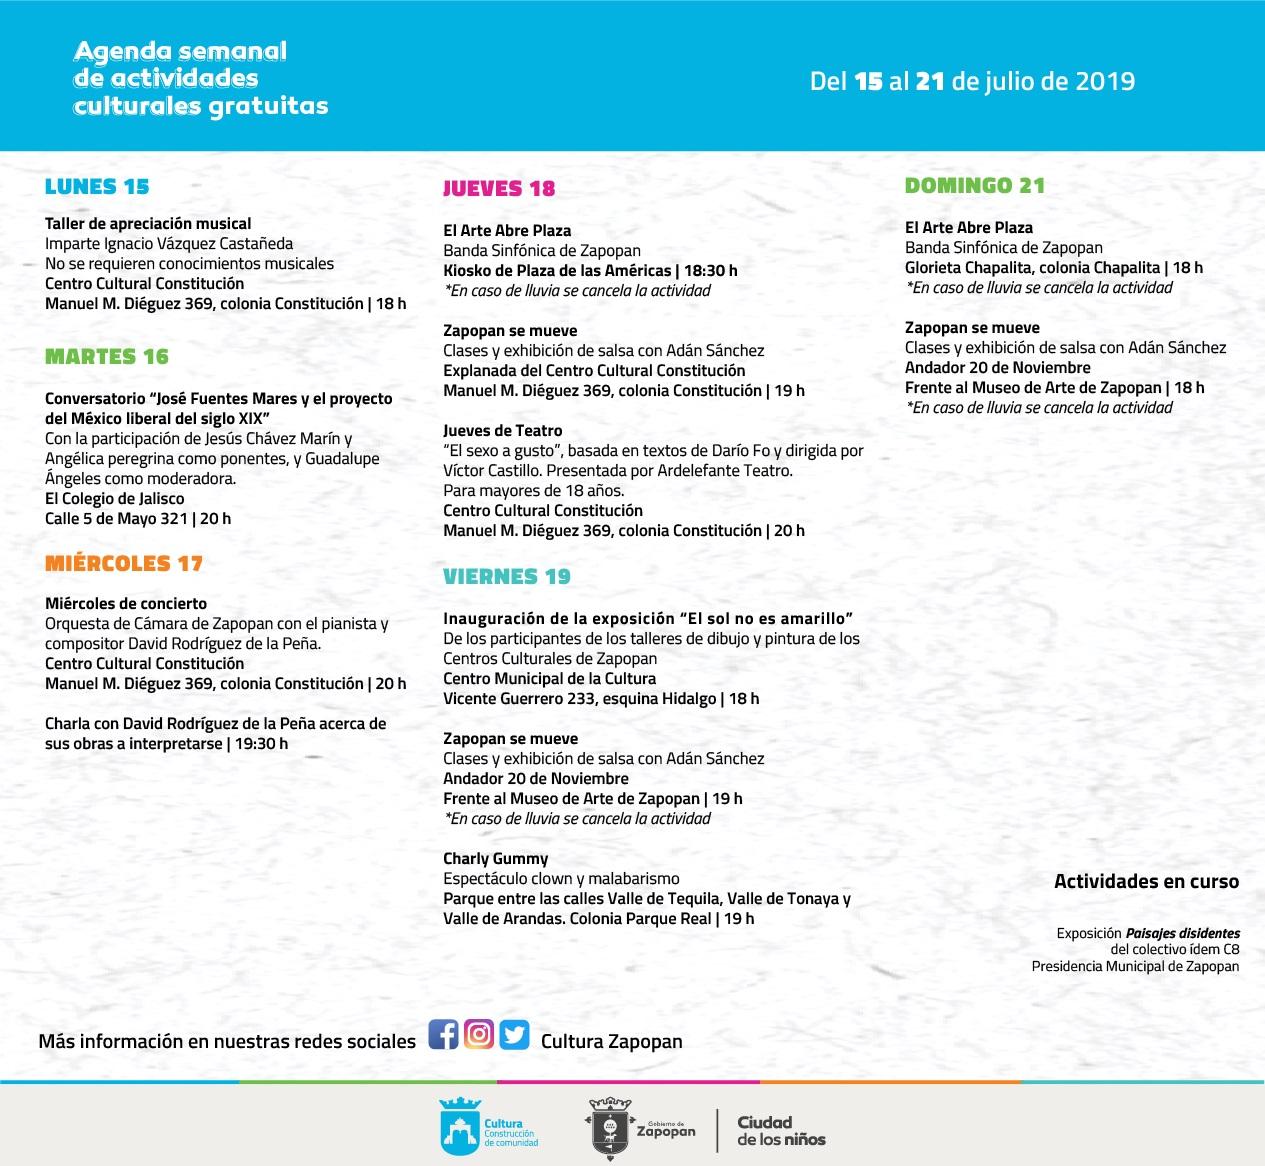 Agenda de actividades culturales gratuitas en Zapopan